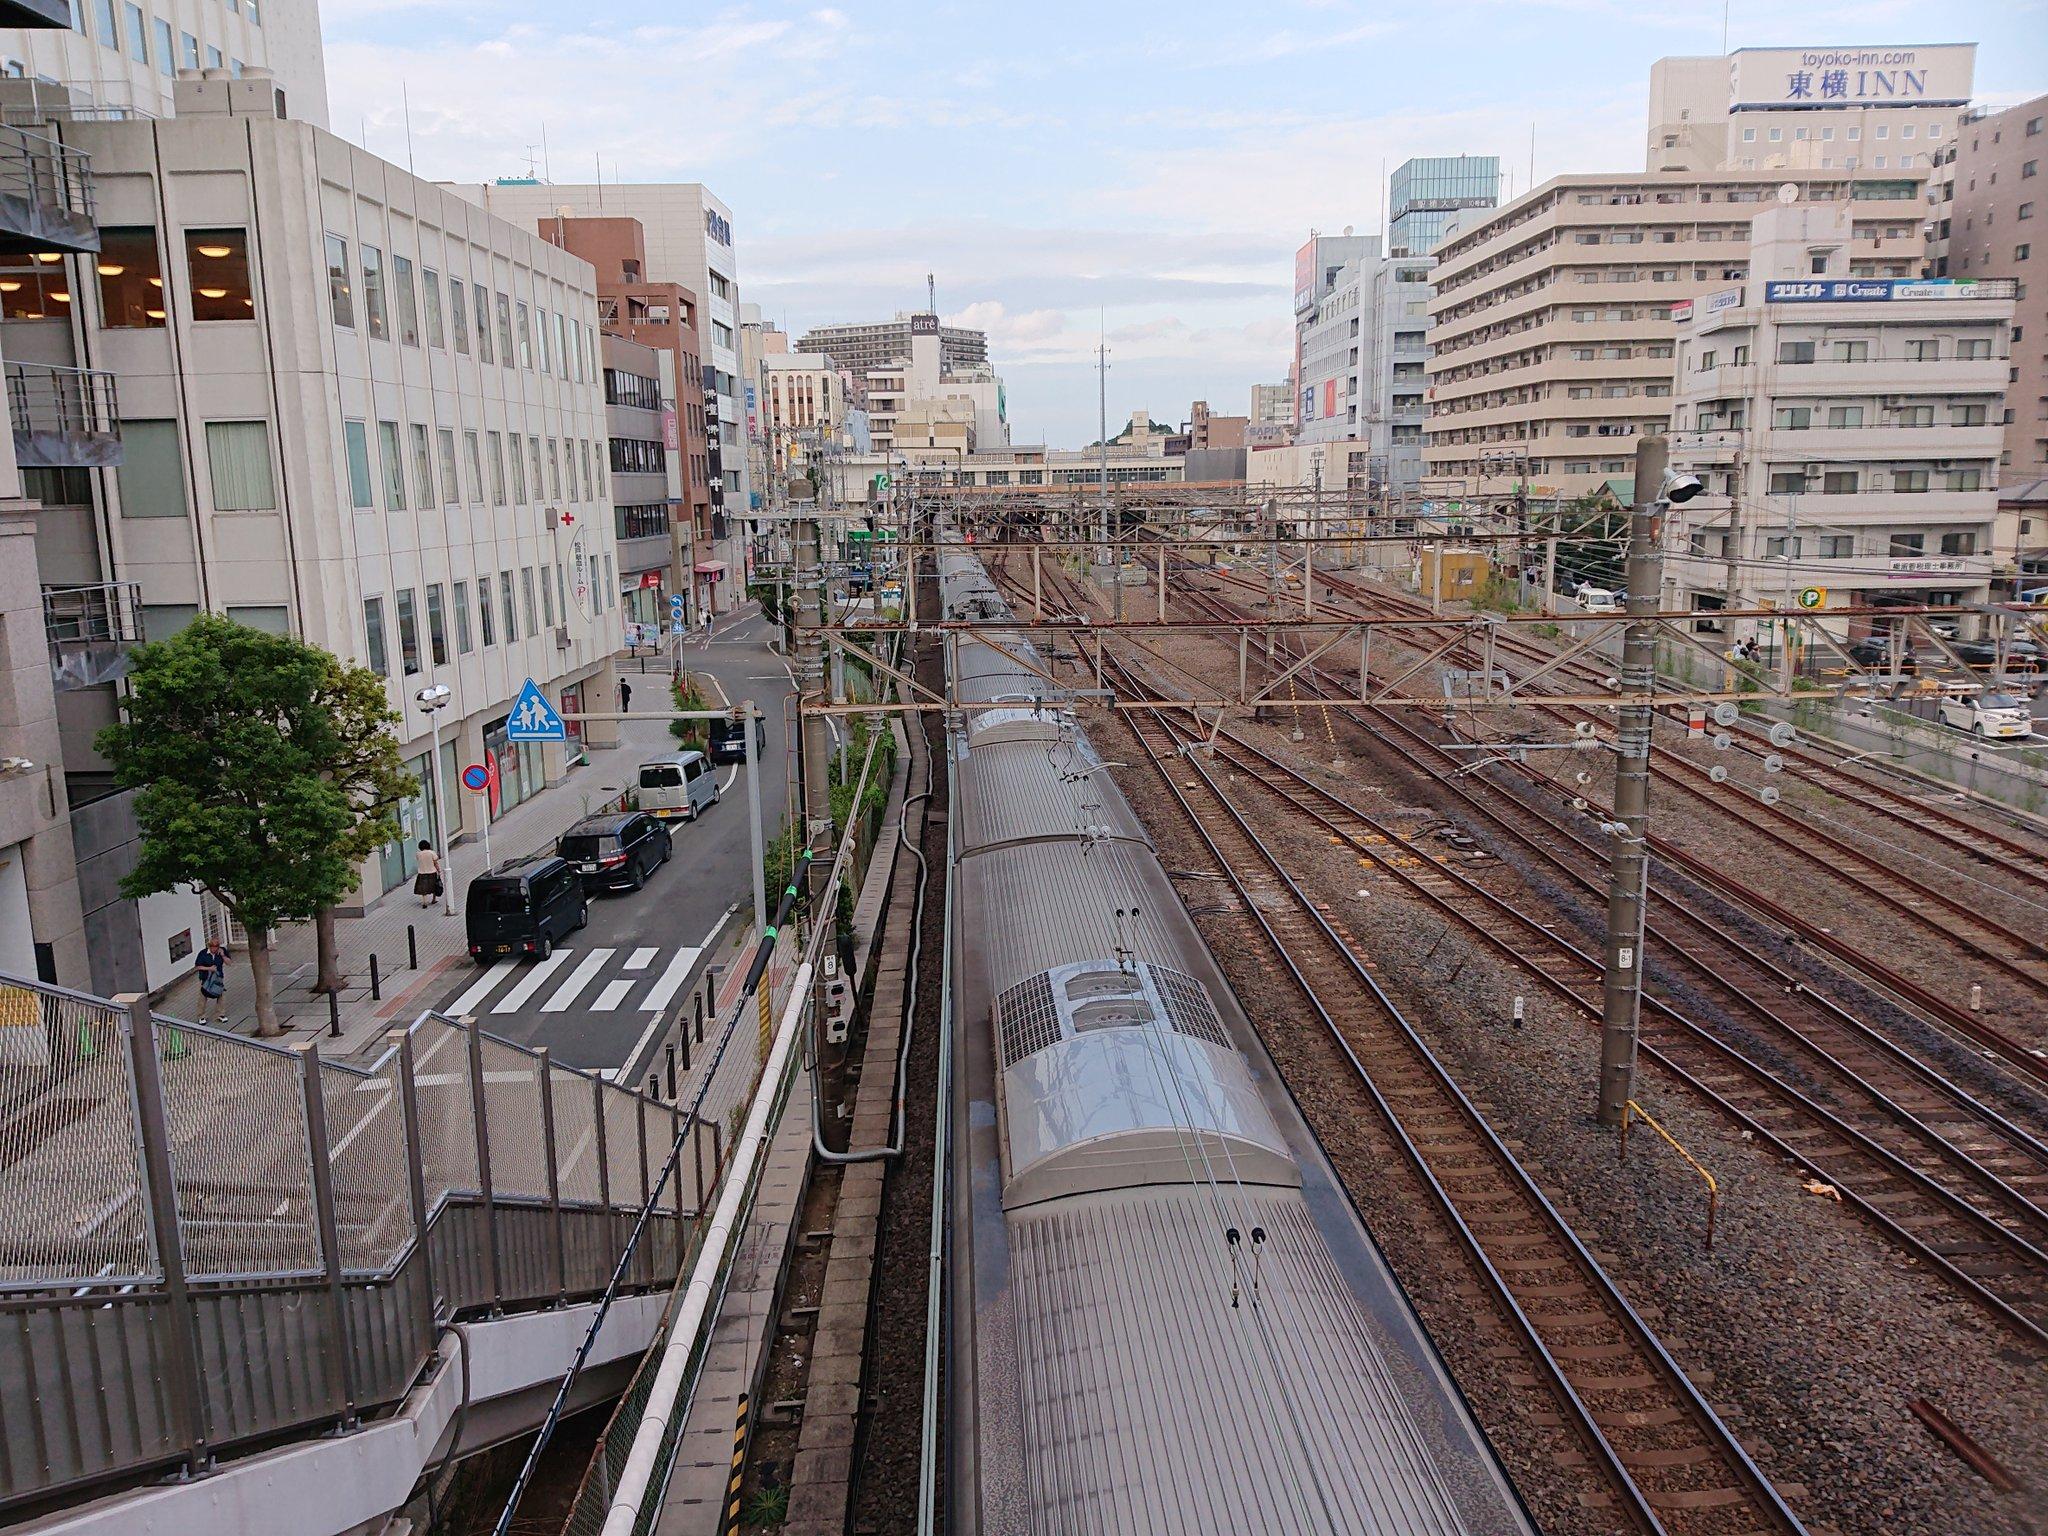 常磐線の松戸駅で人身事故が発生した現場の画像